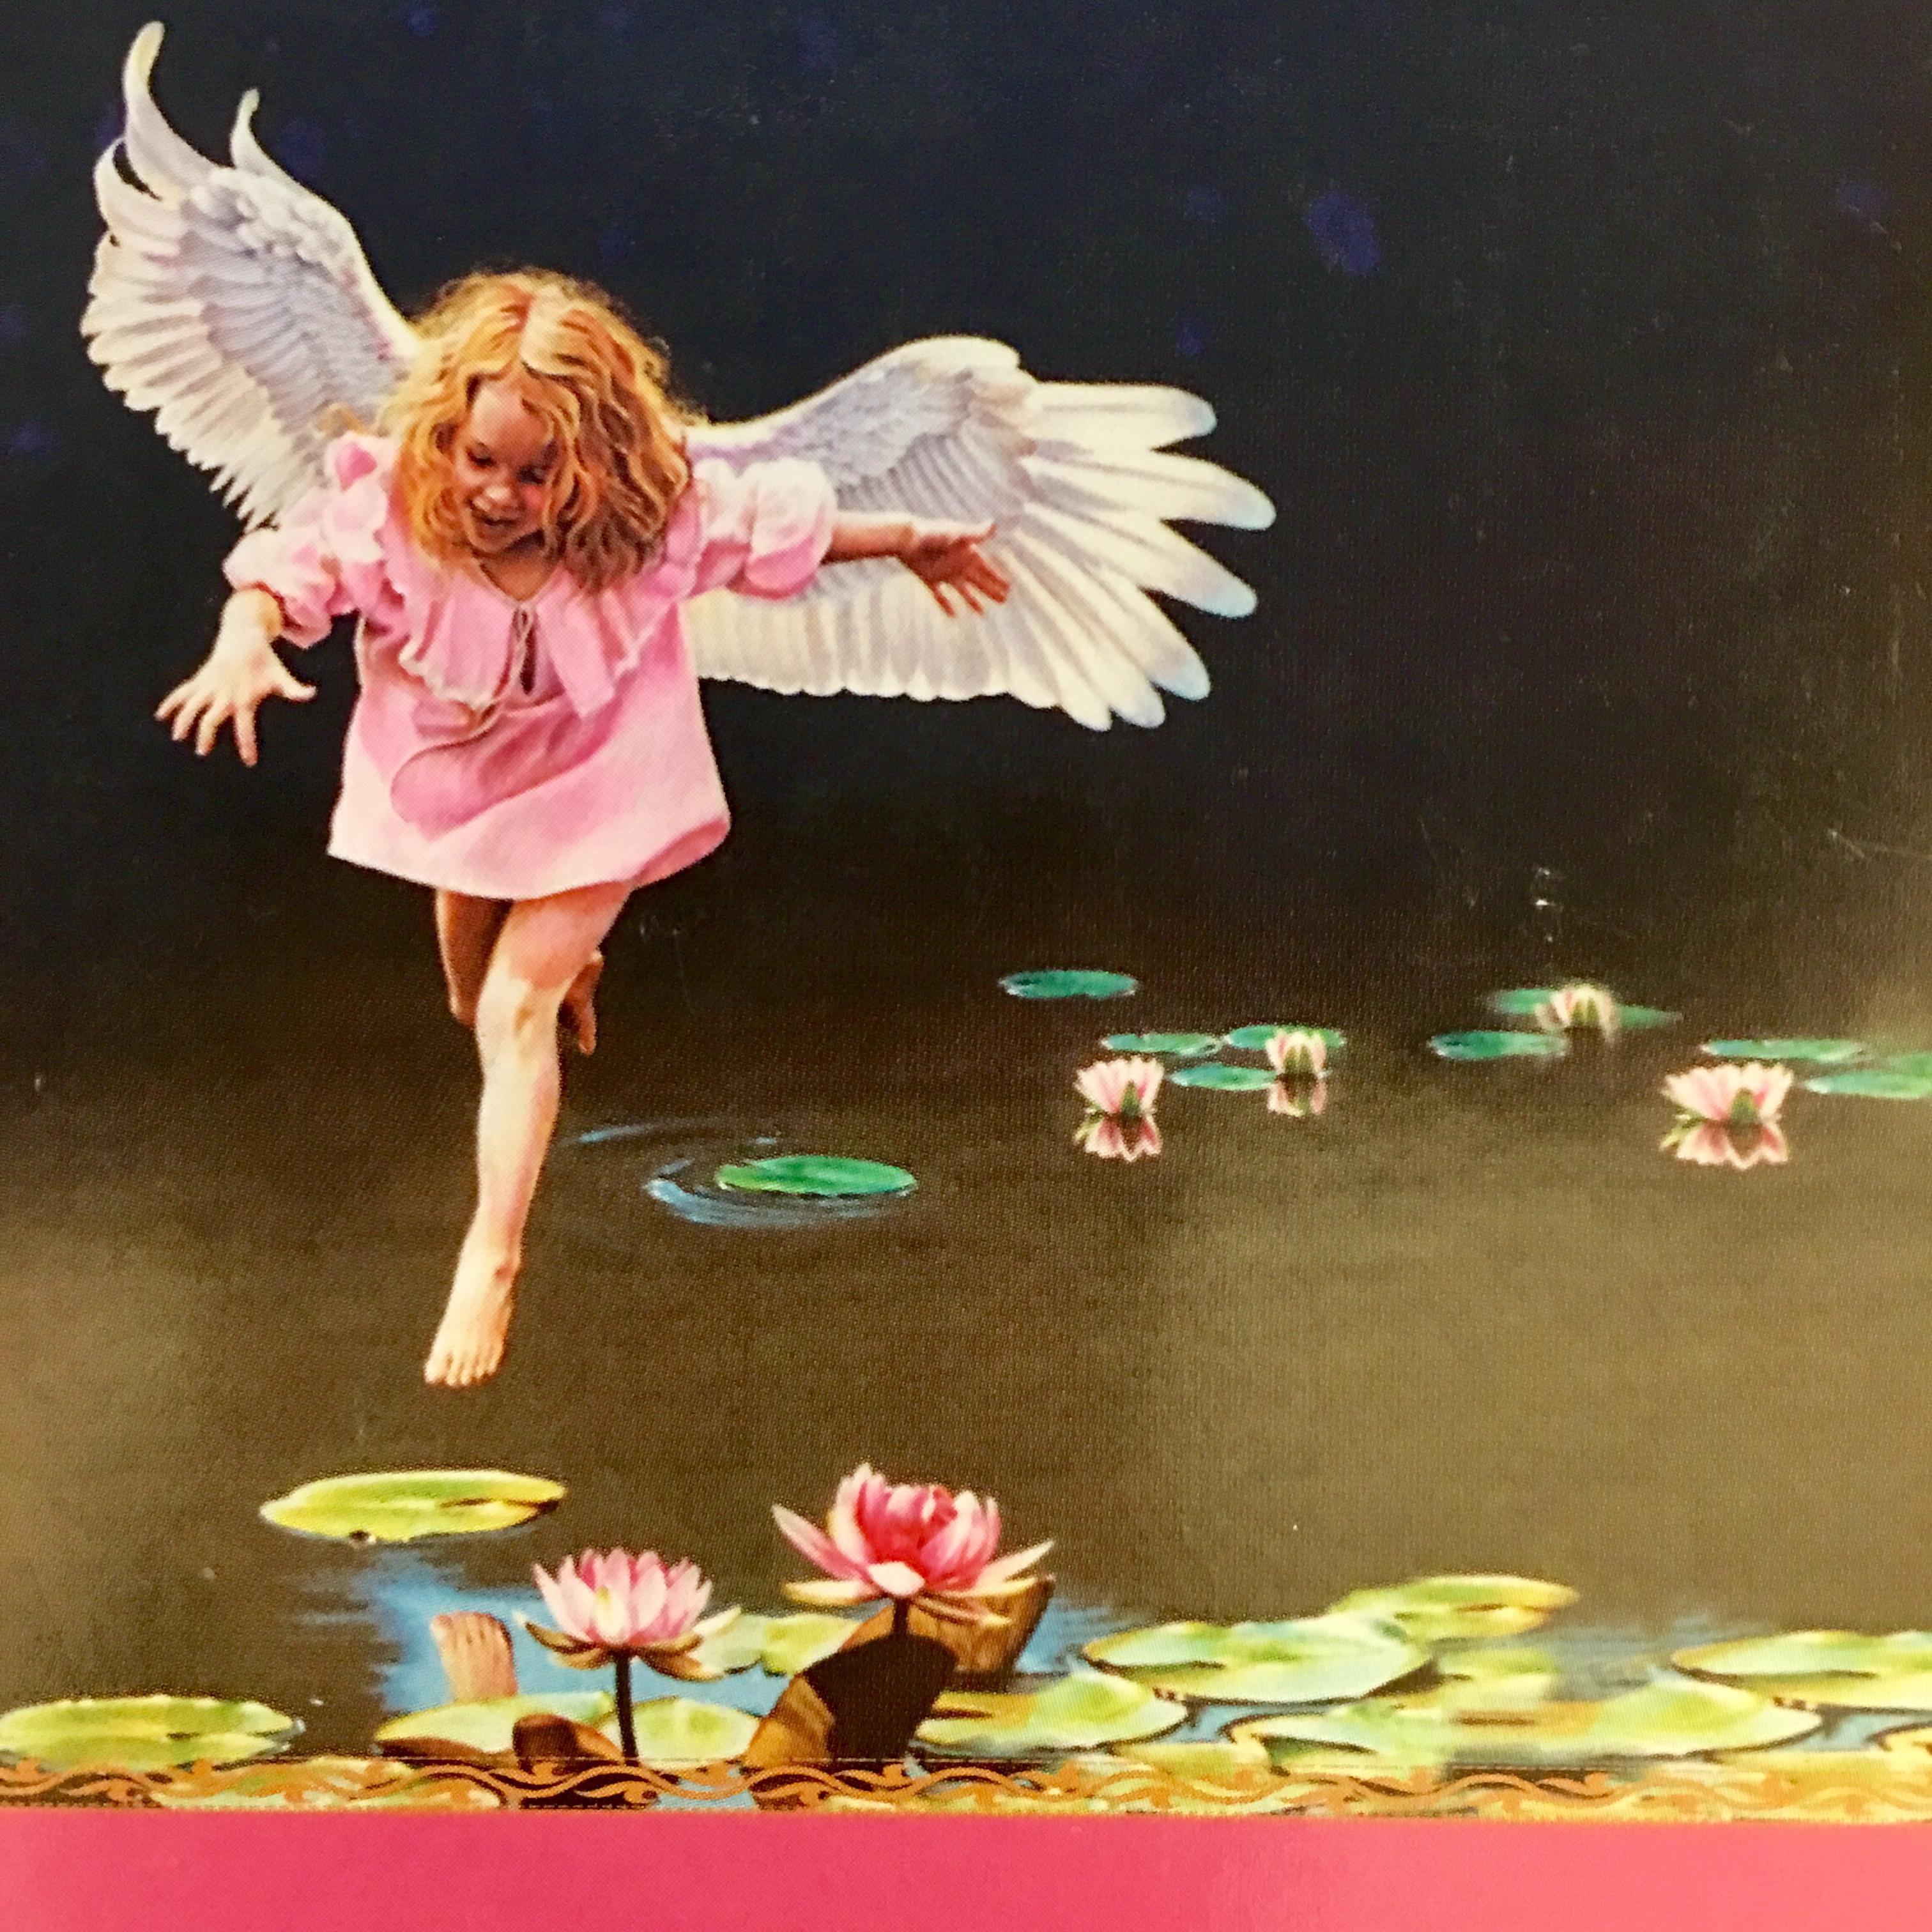 守護天使指引卡:玩樂Play